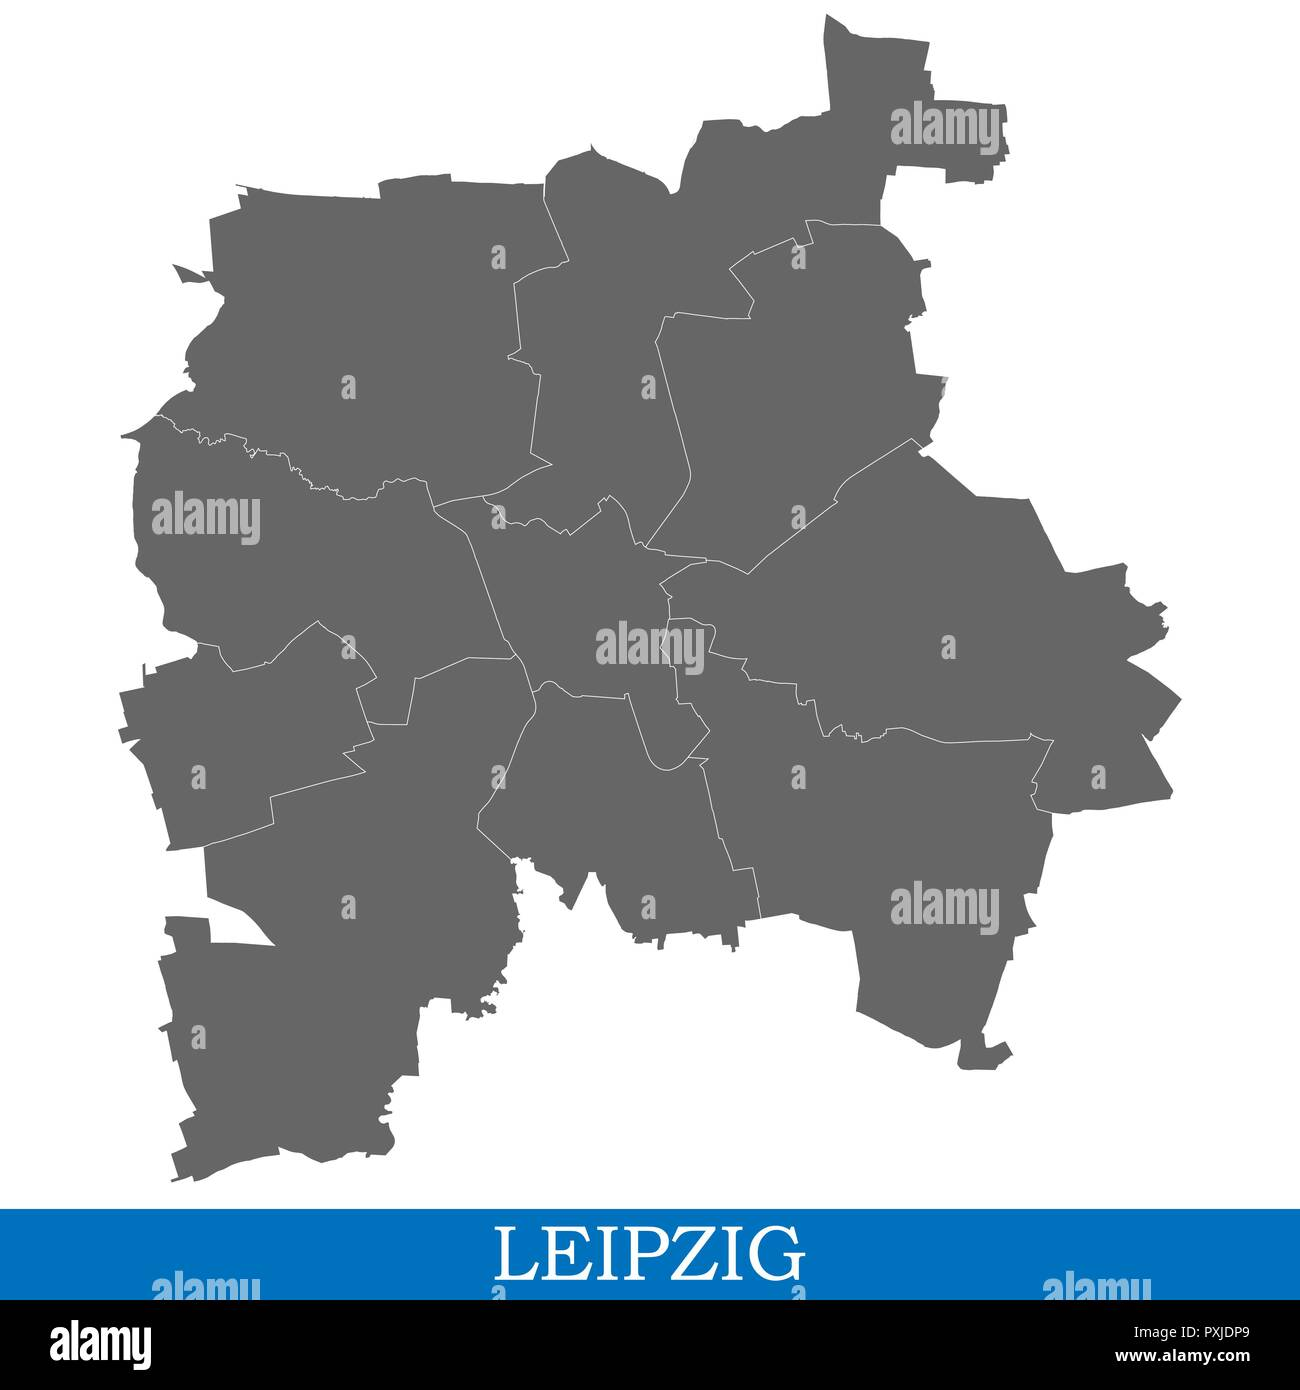 Hohe Qualitat Karte Von Leipzig Ist Eine Stadt In Deutschland Mit